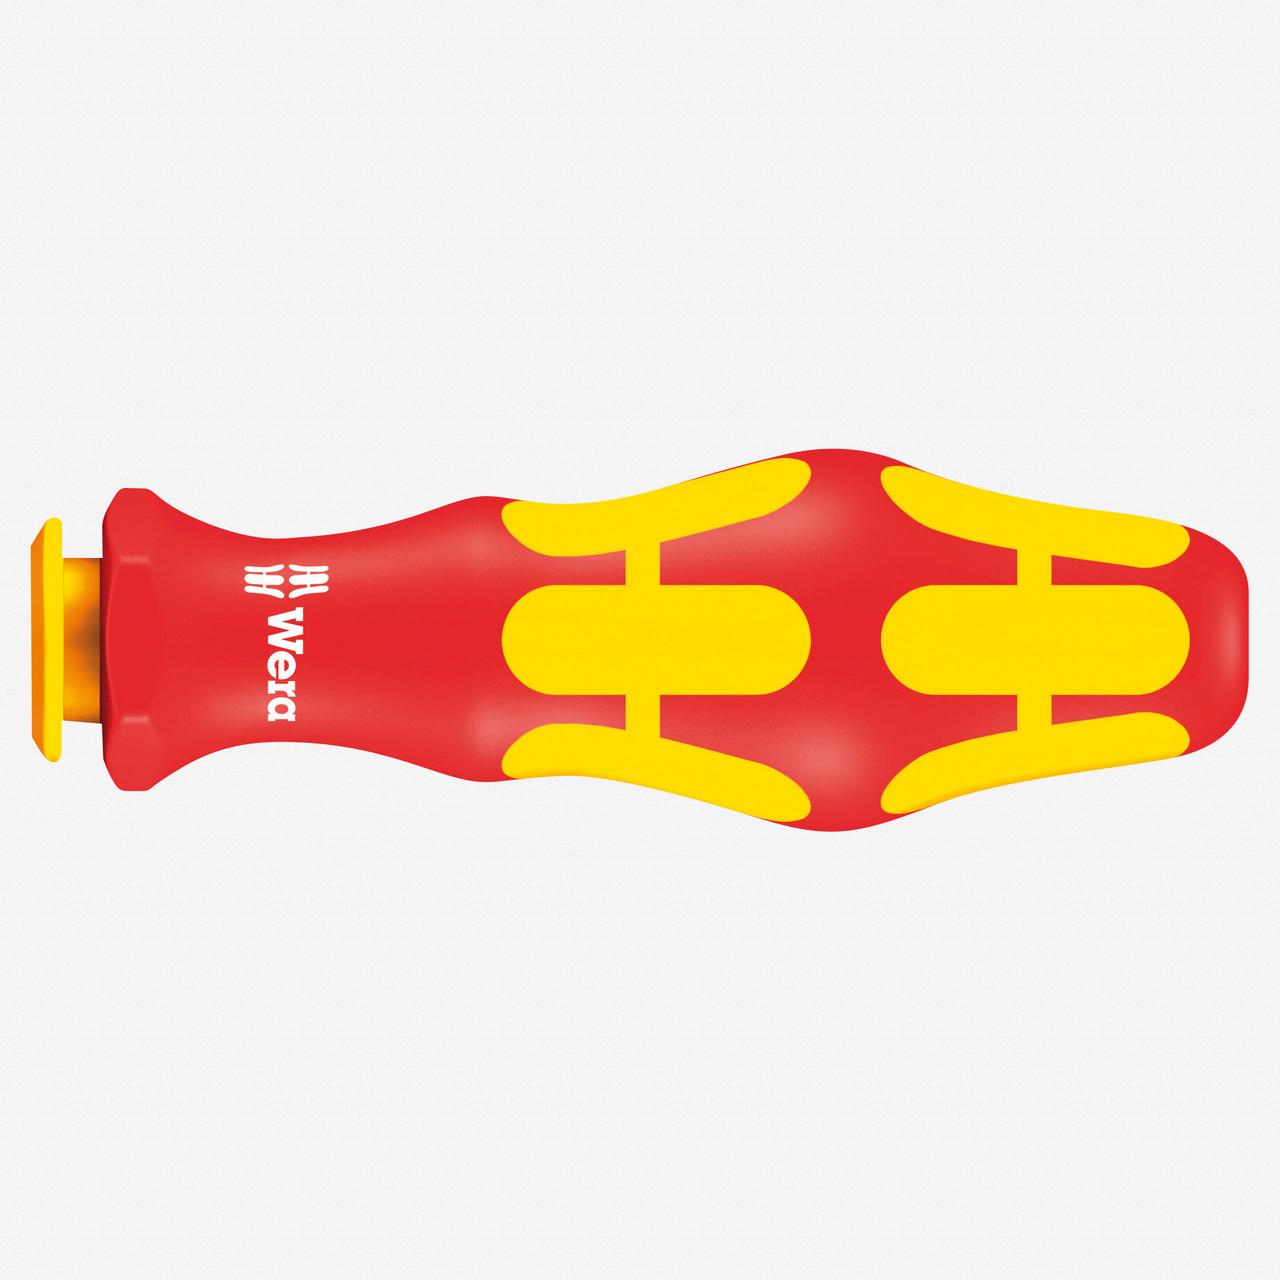 Wera 003990 VDE Kraftform Insulated Screwdriver Blade Holder - KC Tool